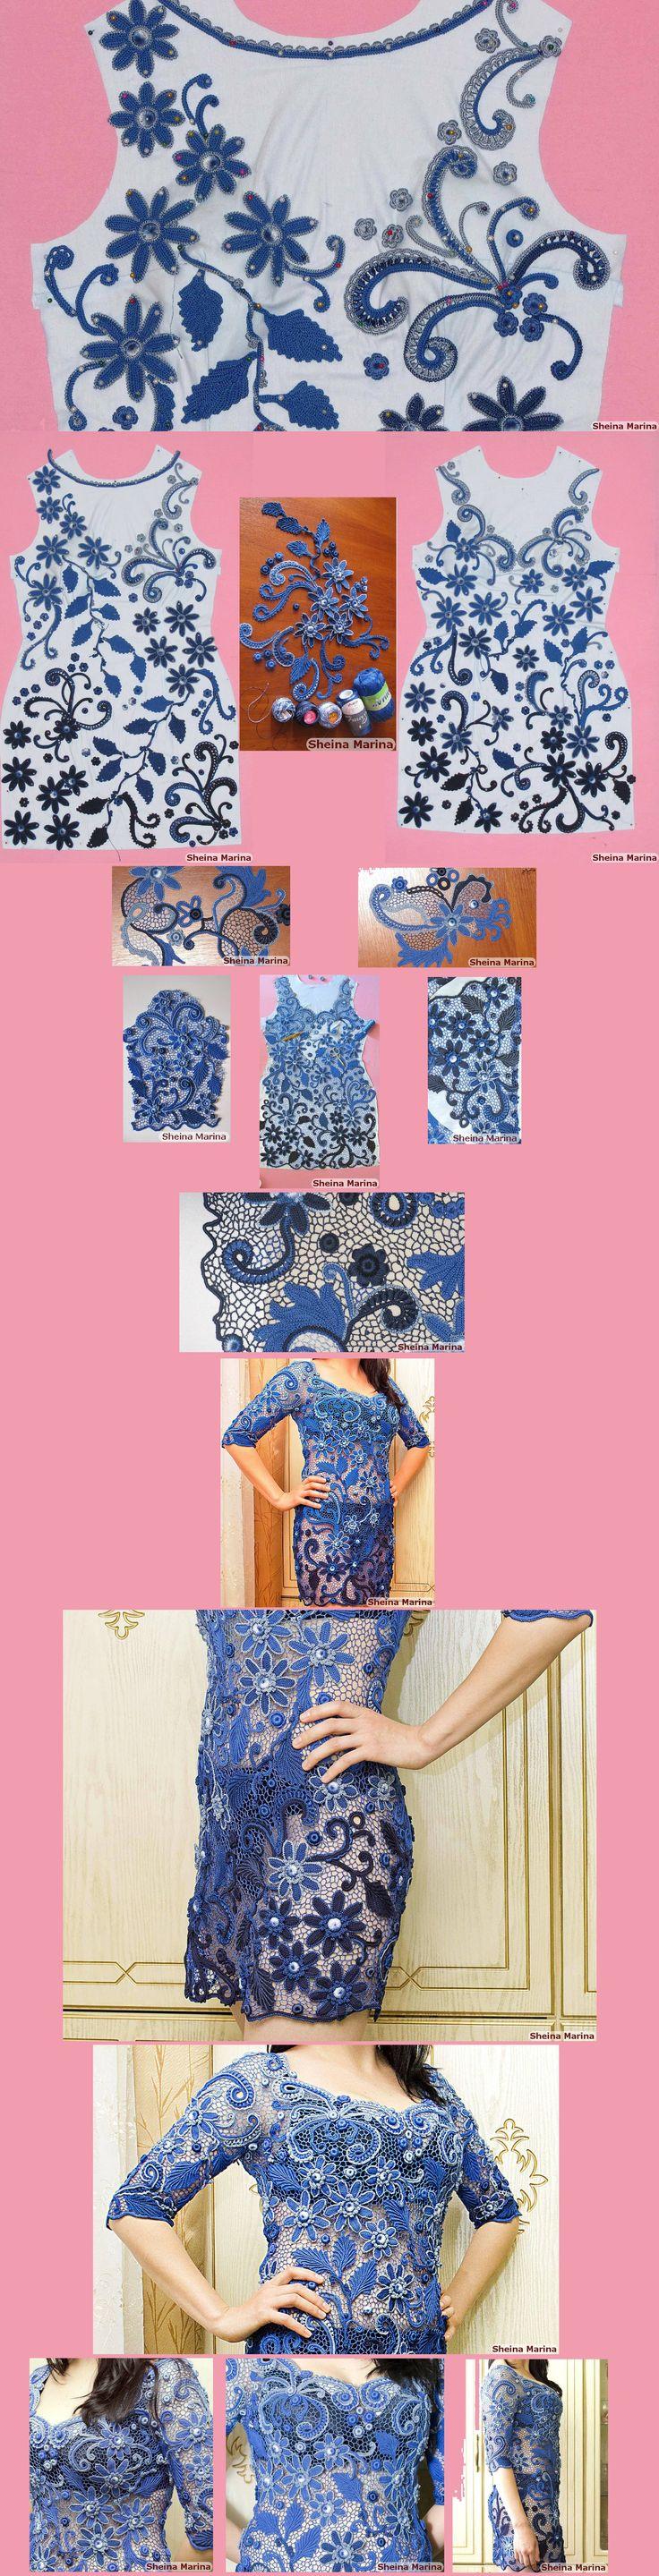 Платье, связанное на заказ «Магия ночи»